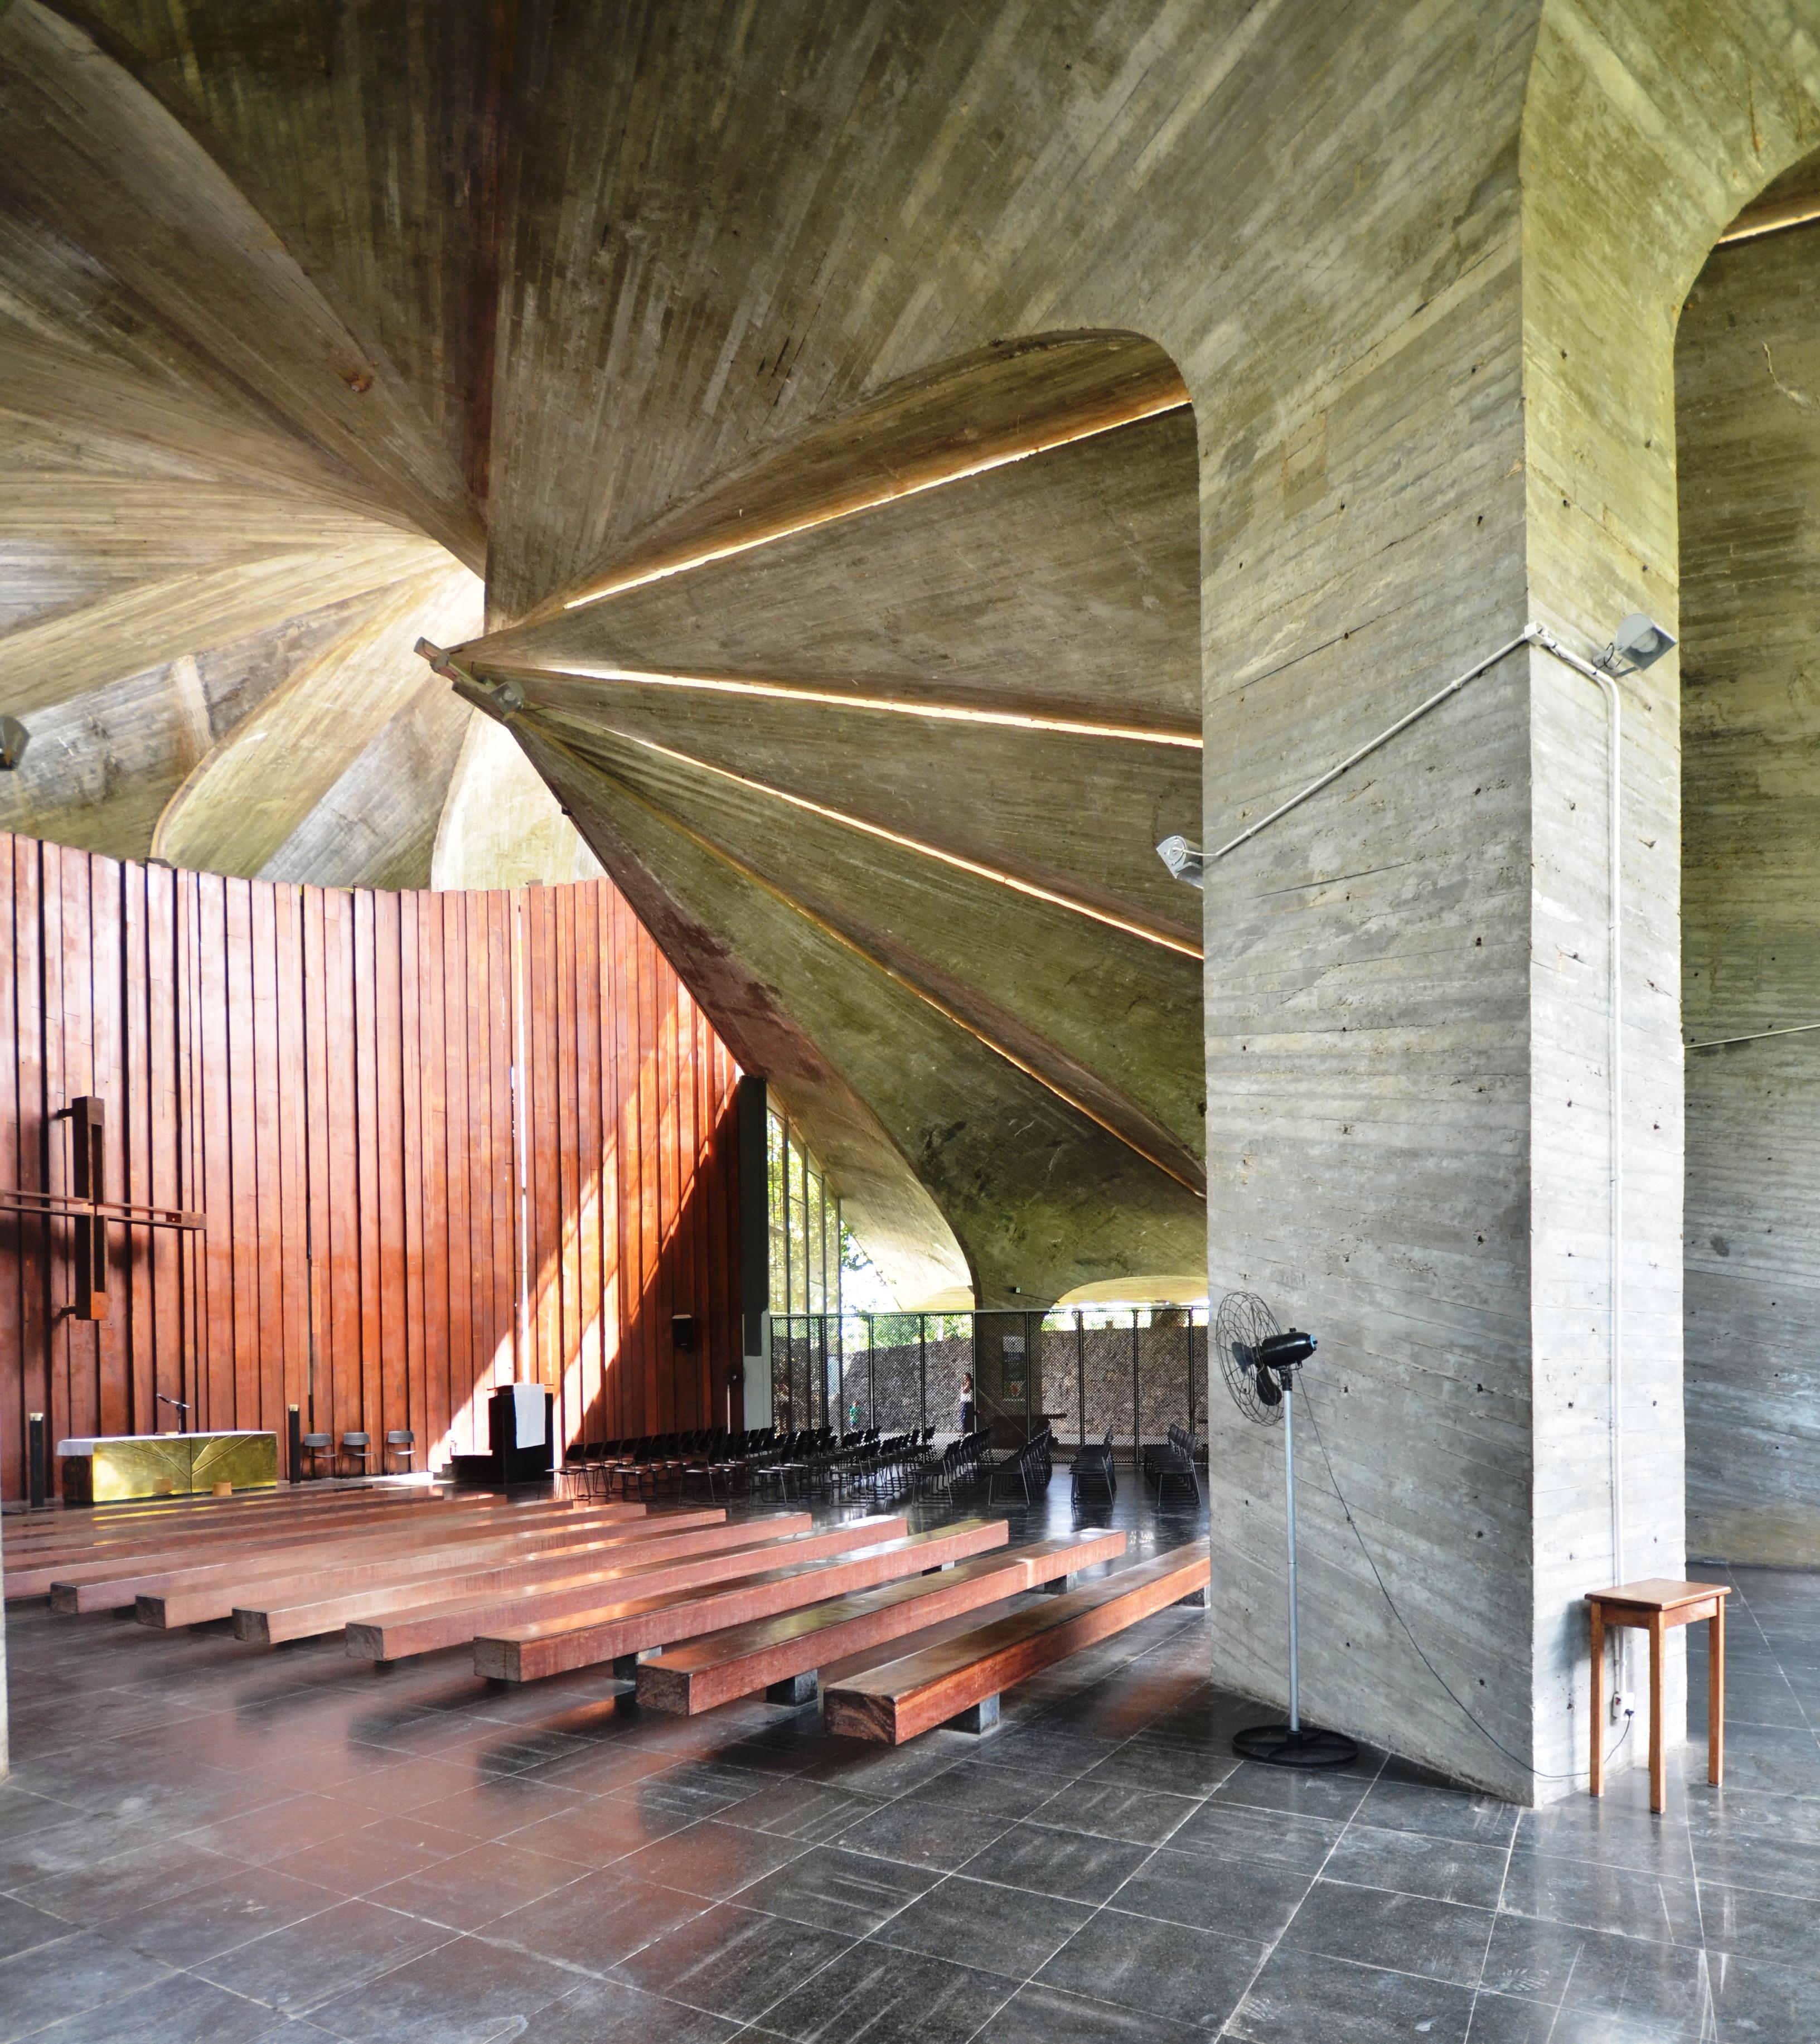 João Filgueiras Lima's Capela CEB project Salvador